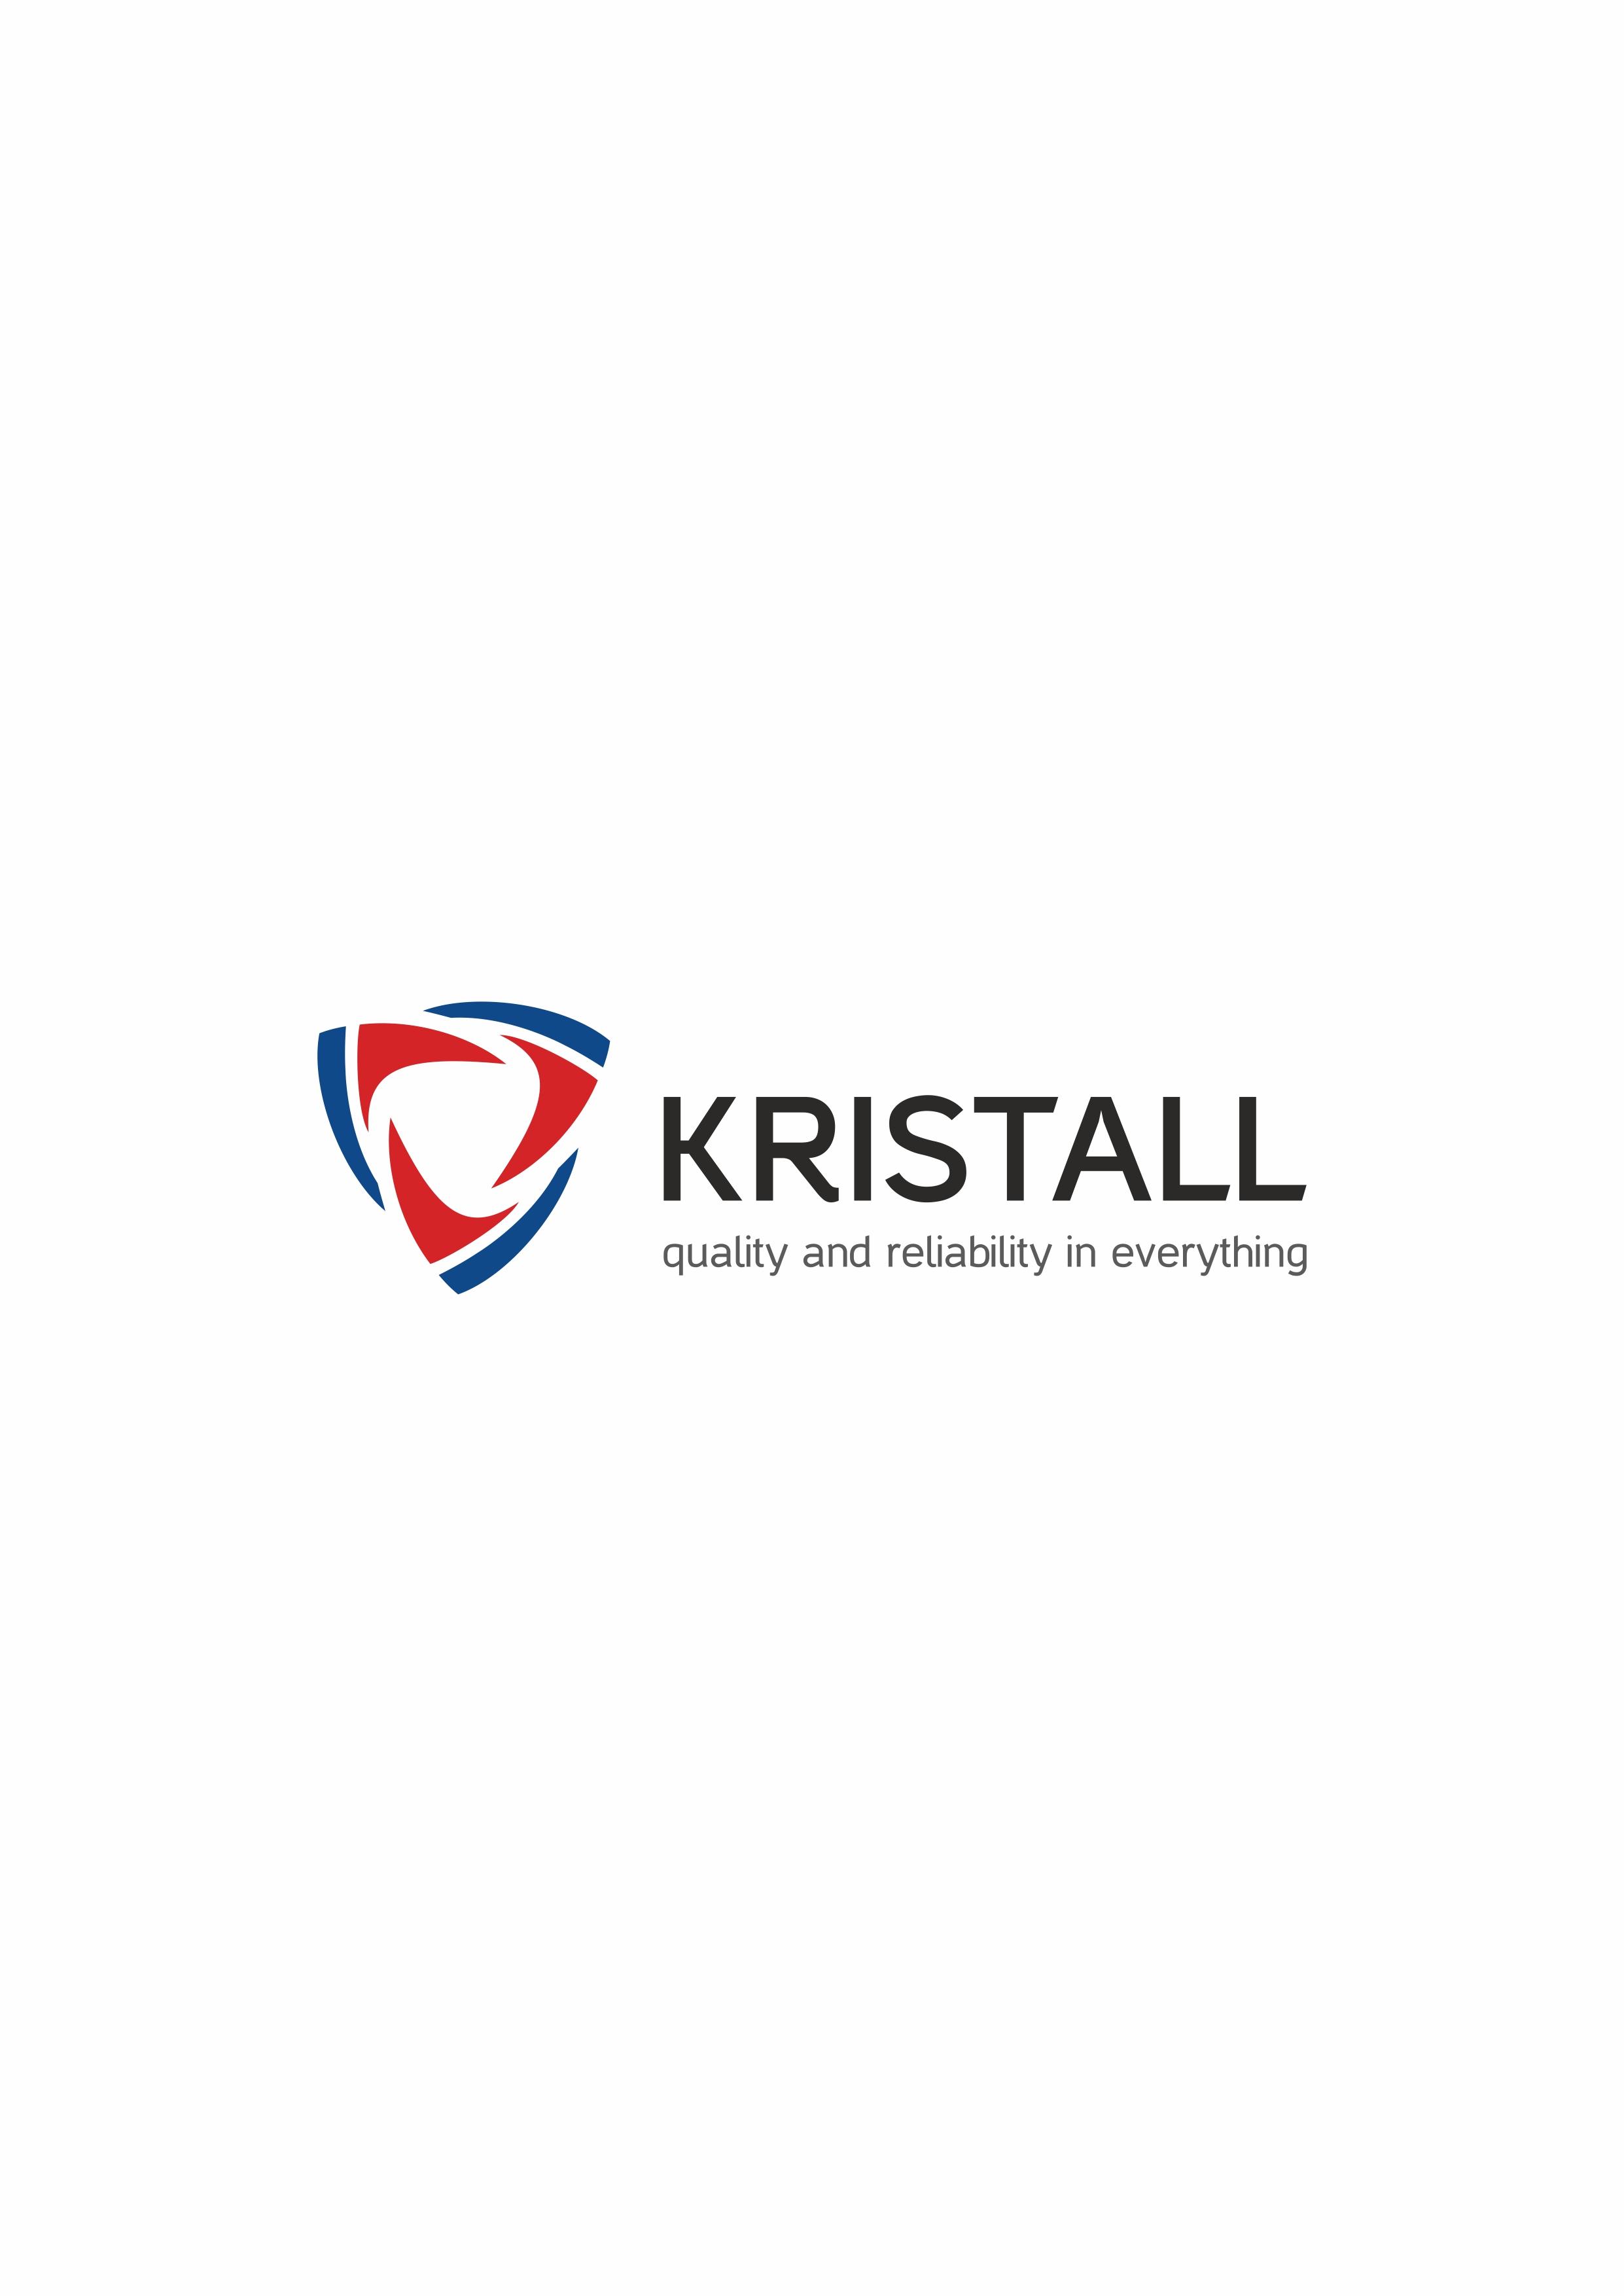 Kristall Ltd.